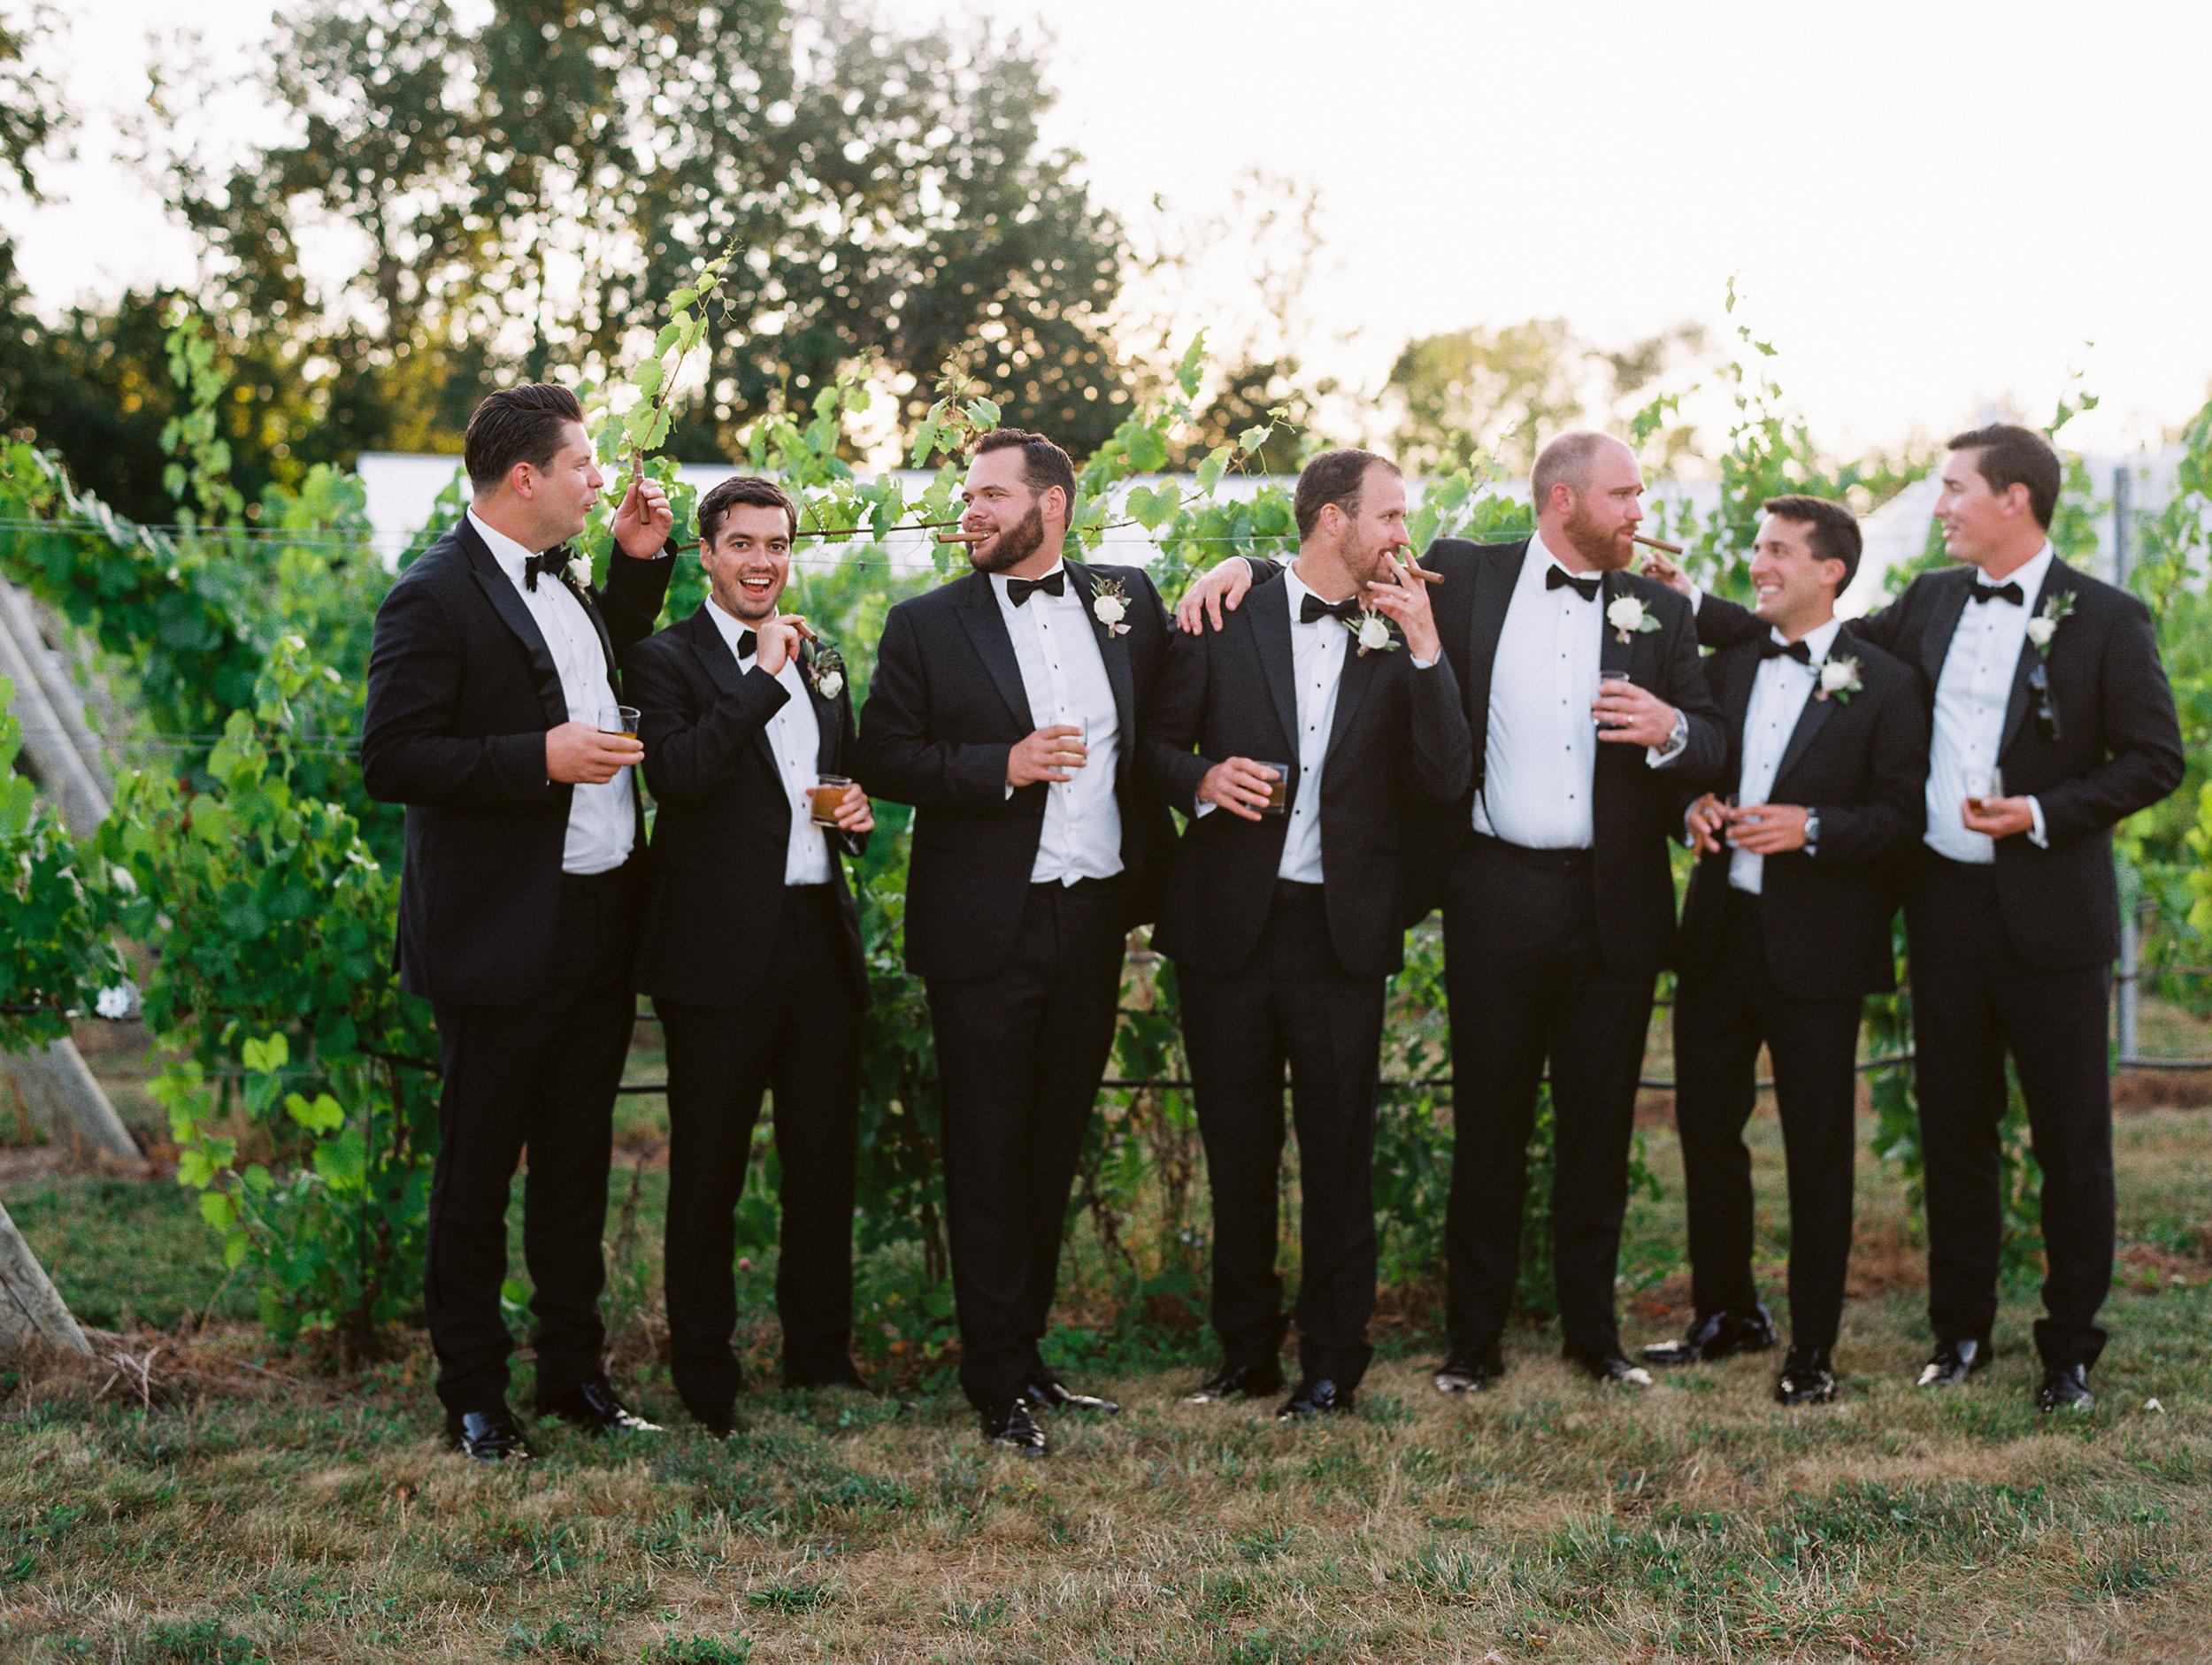 Steinlage+Wedding+Cocktail+Hour-74.jpg